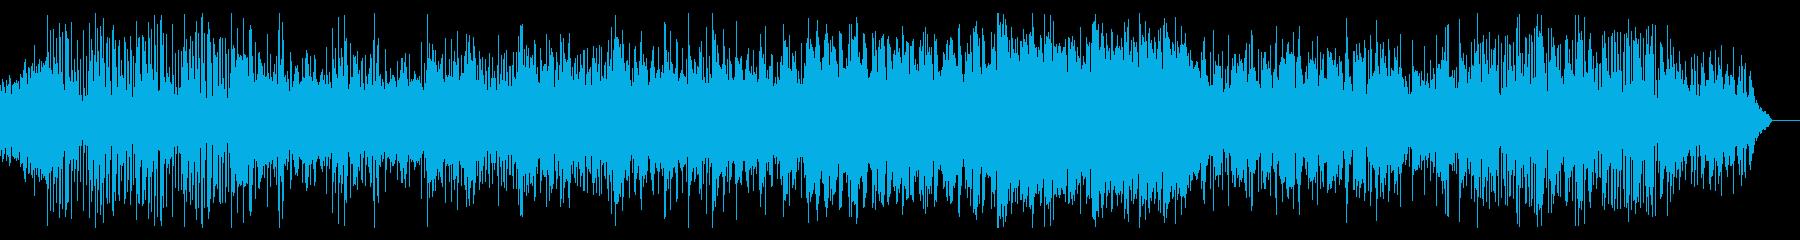 ブレイクビートの緊迫したBGMの再生済みの波形